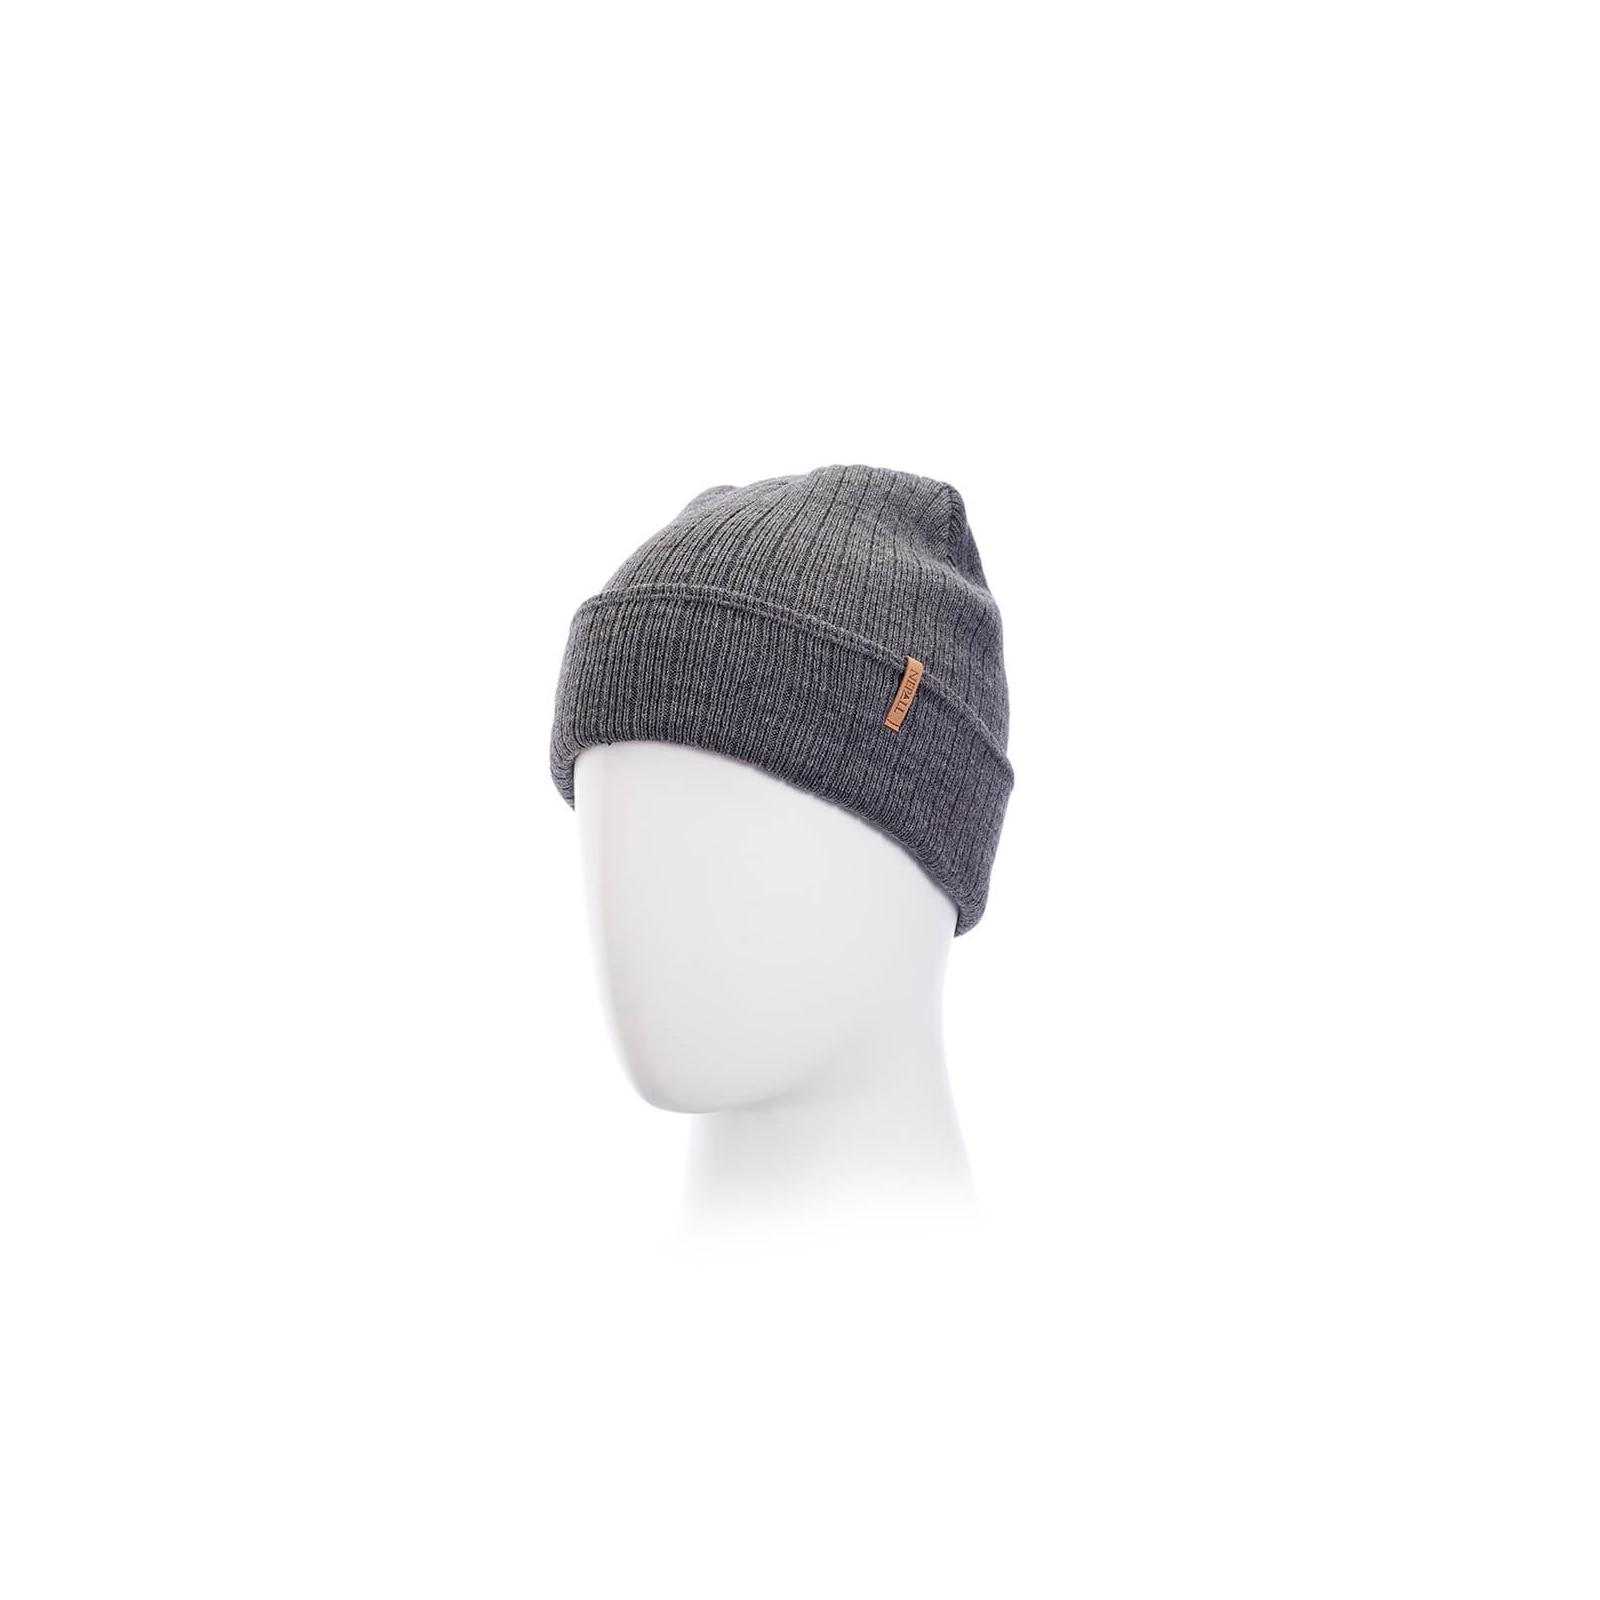 Nepall Dorin, gorro cálido de invierno para hombre, nueva moda, Unisex, de punto, informal, gorros, gorros de lana de algodón